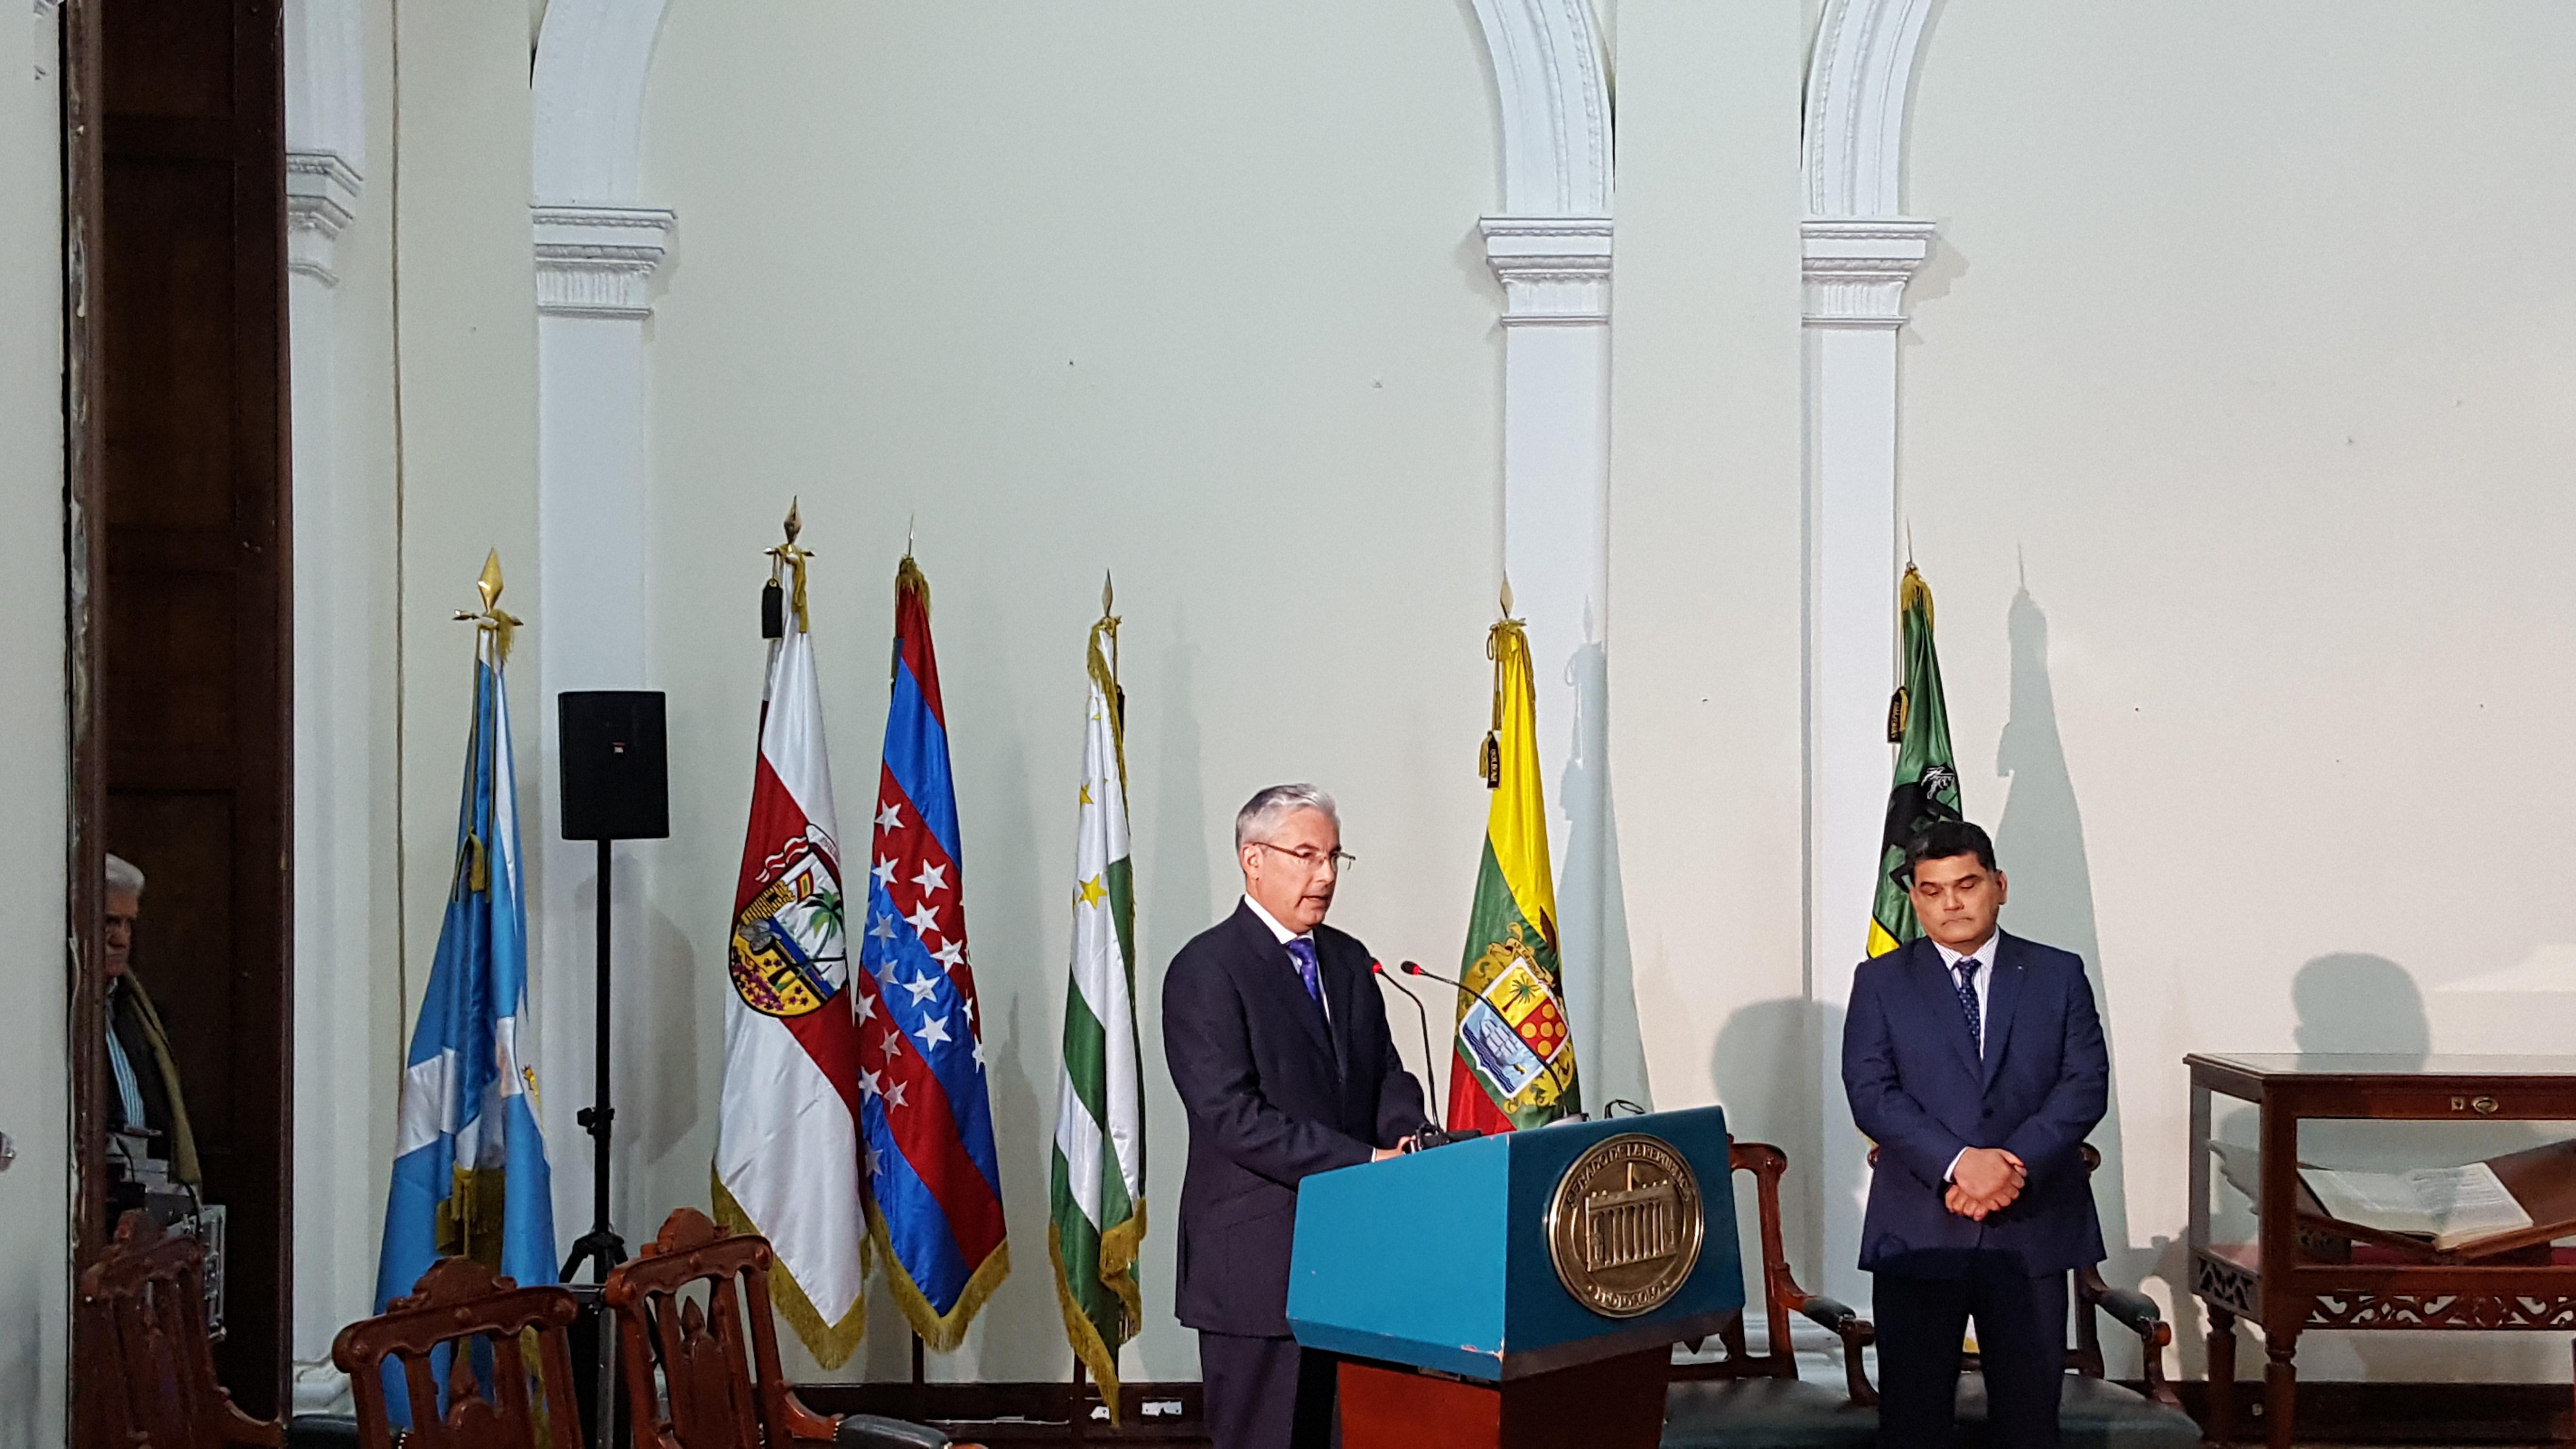 XV reunión del Foro: 24-28 de octubre de 2016 en Bogotá (Colombia)